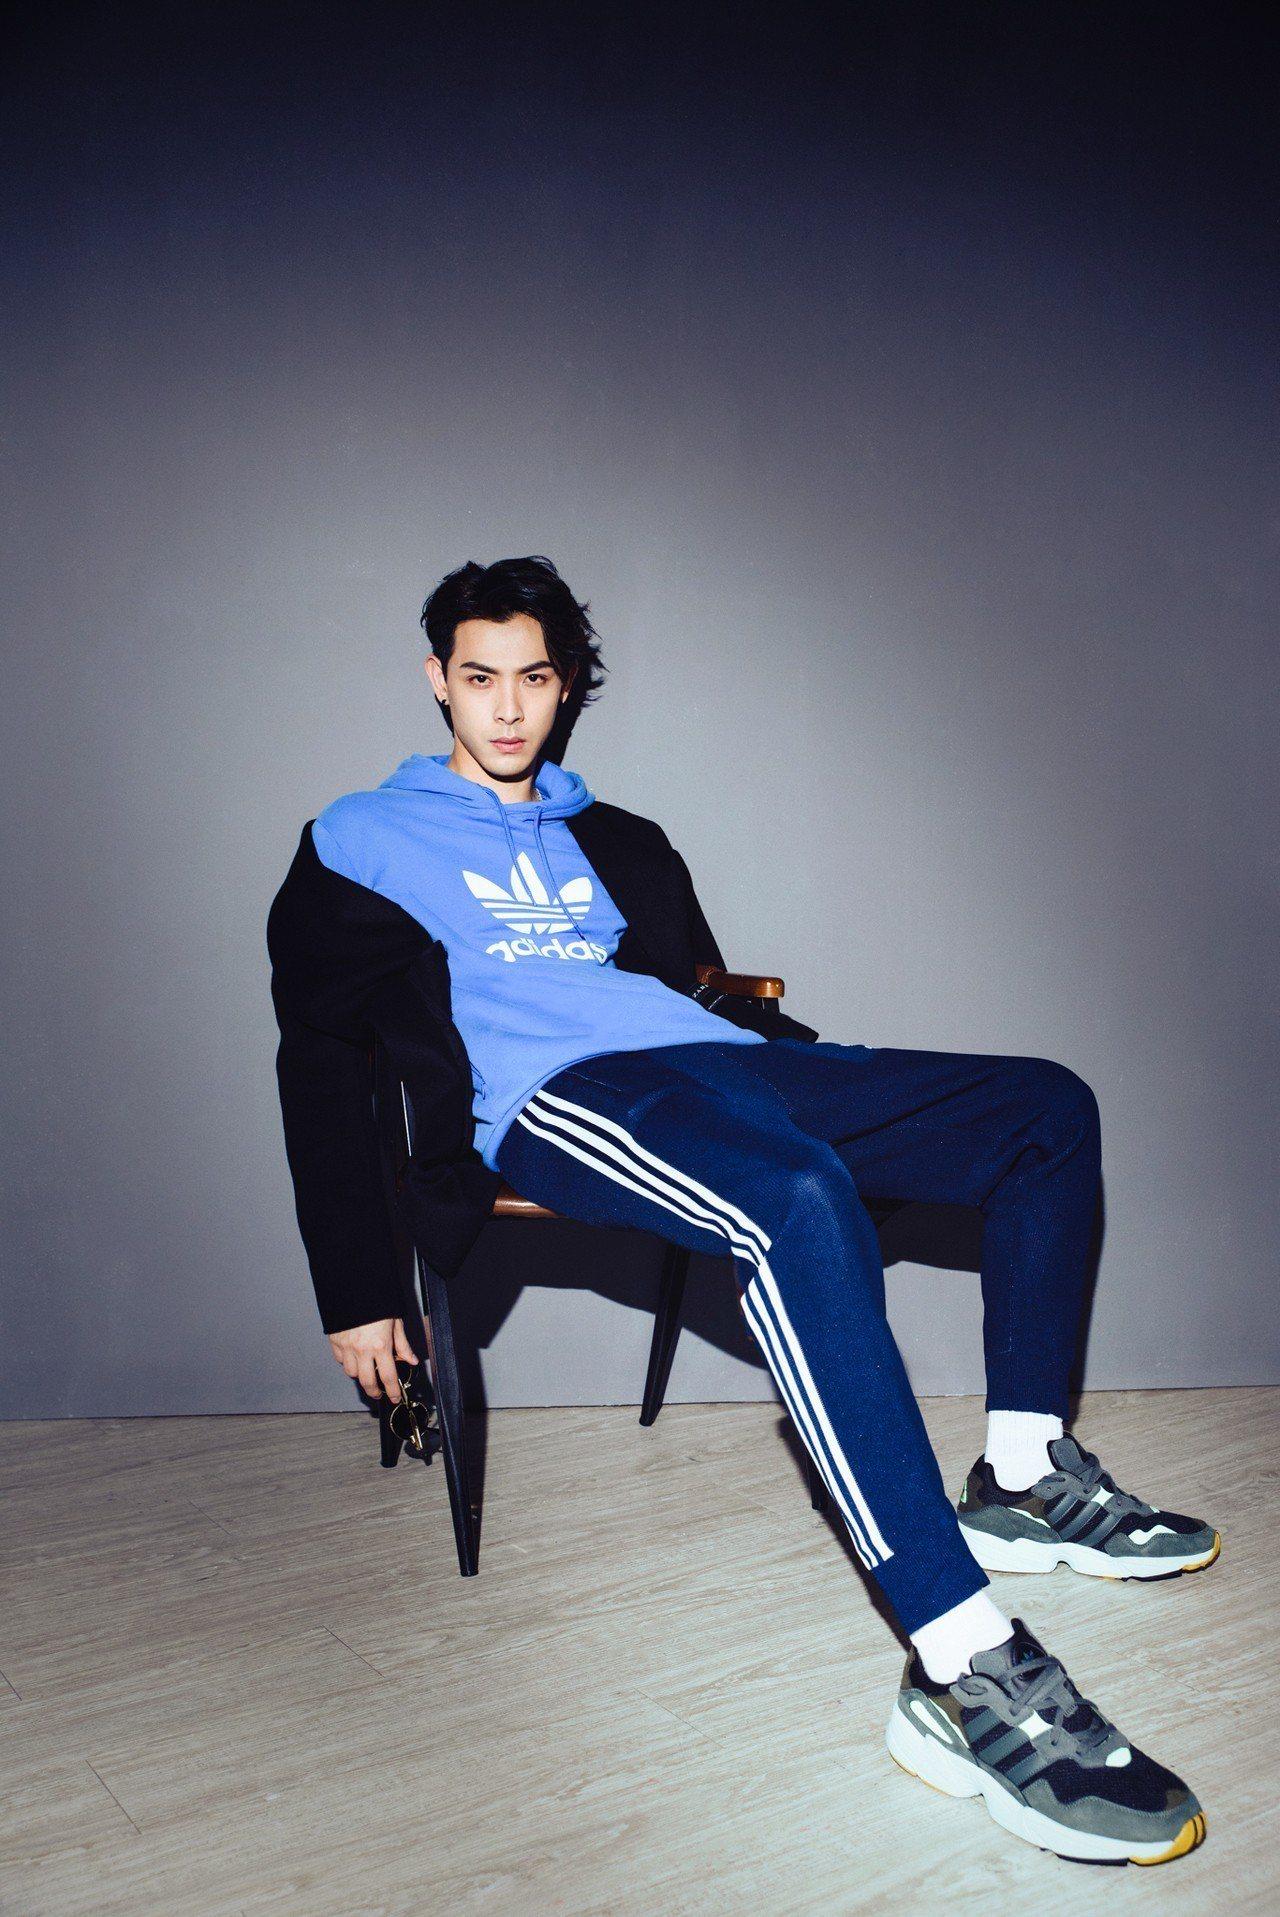 男星晨翔在示範adidas Originals新款Yung 96系列鞋時的「葛優...